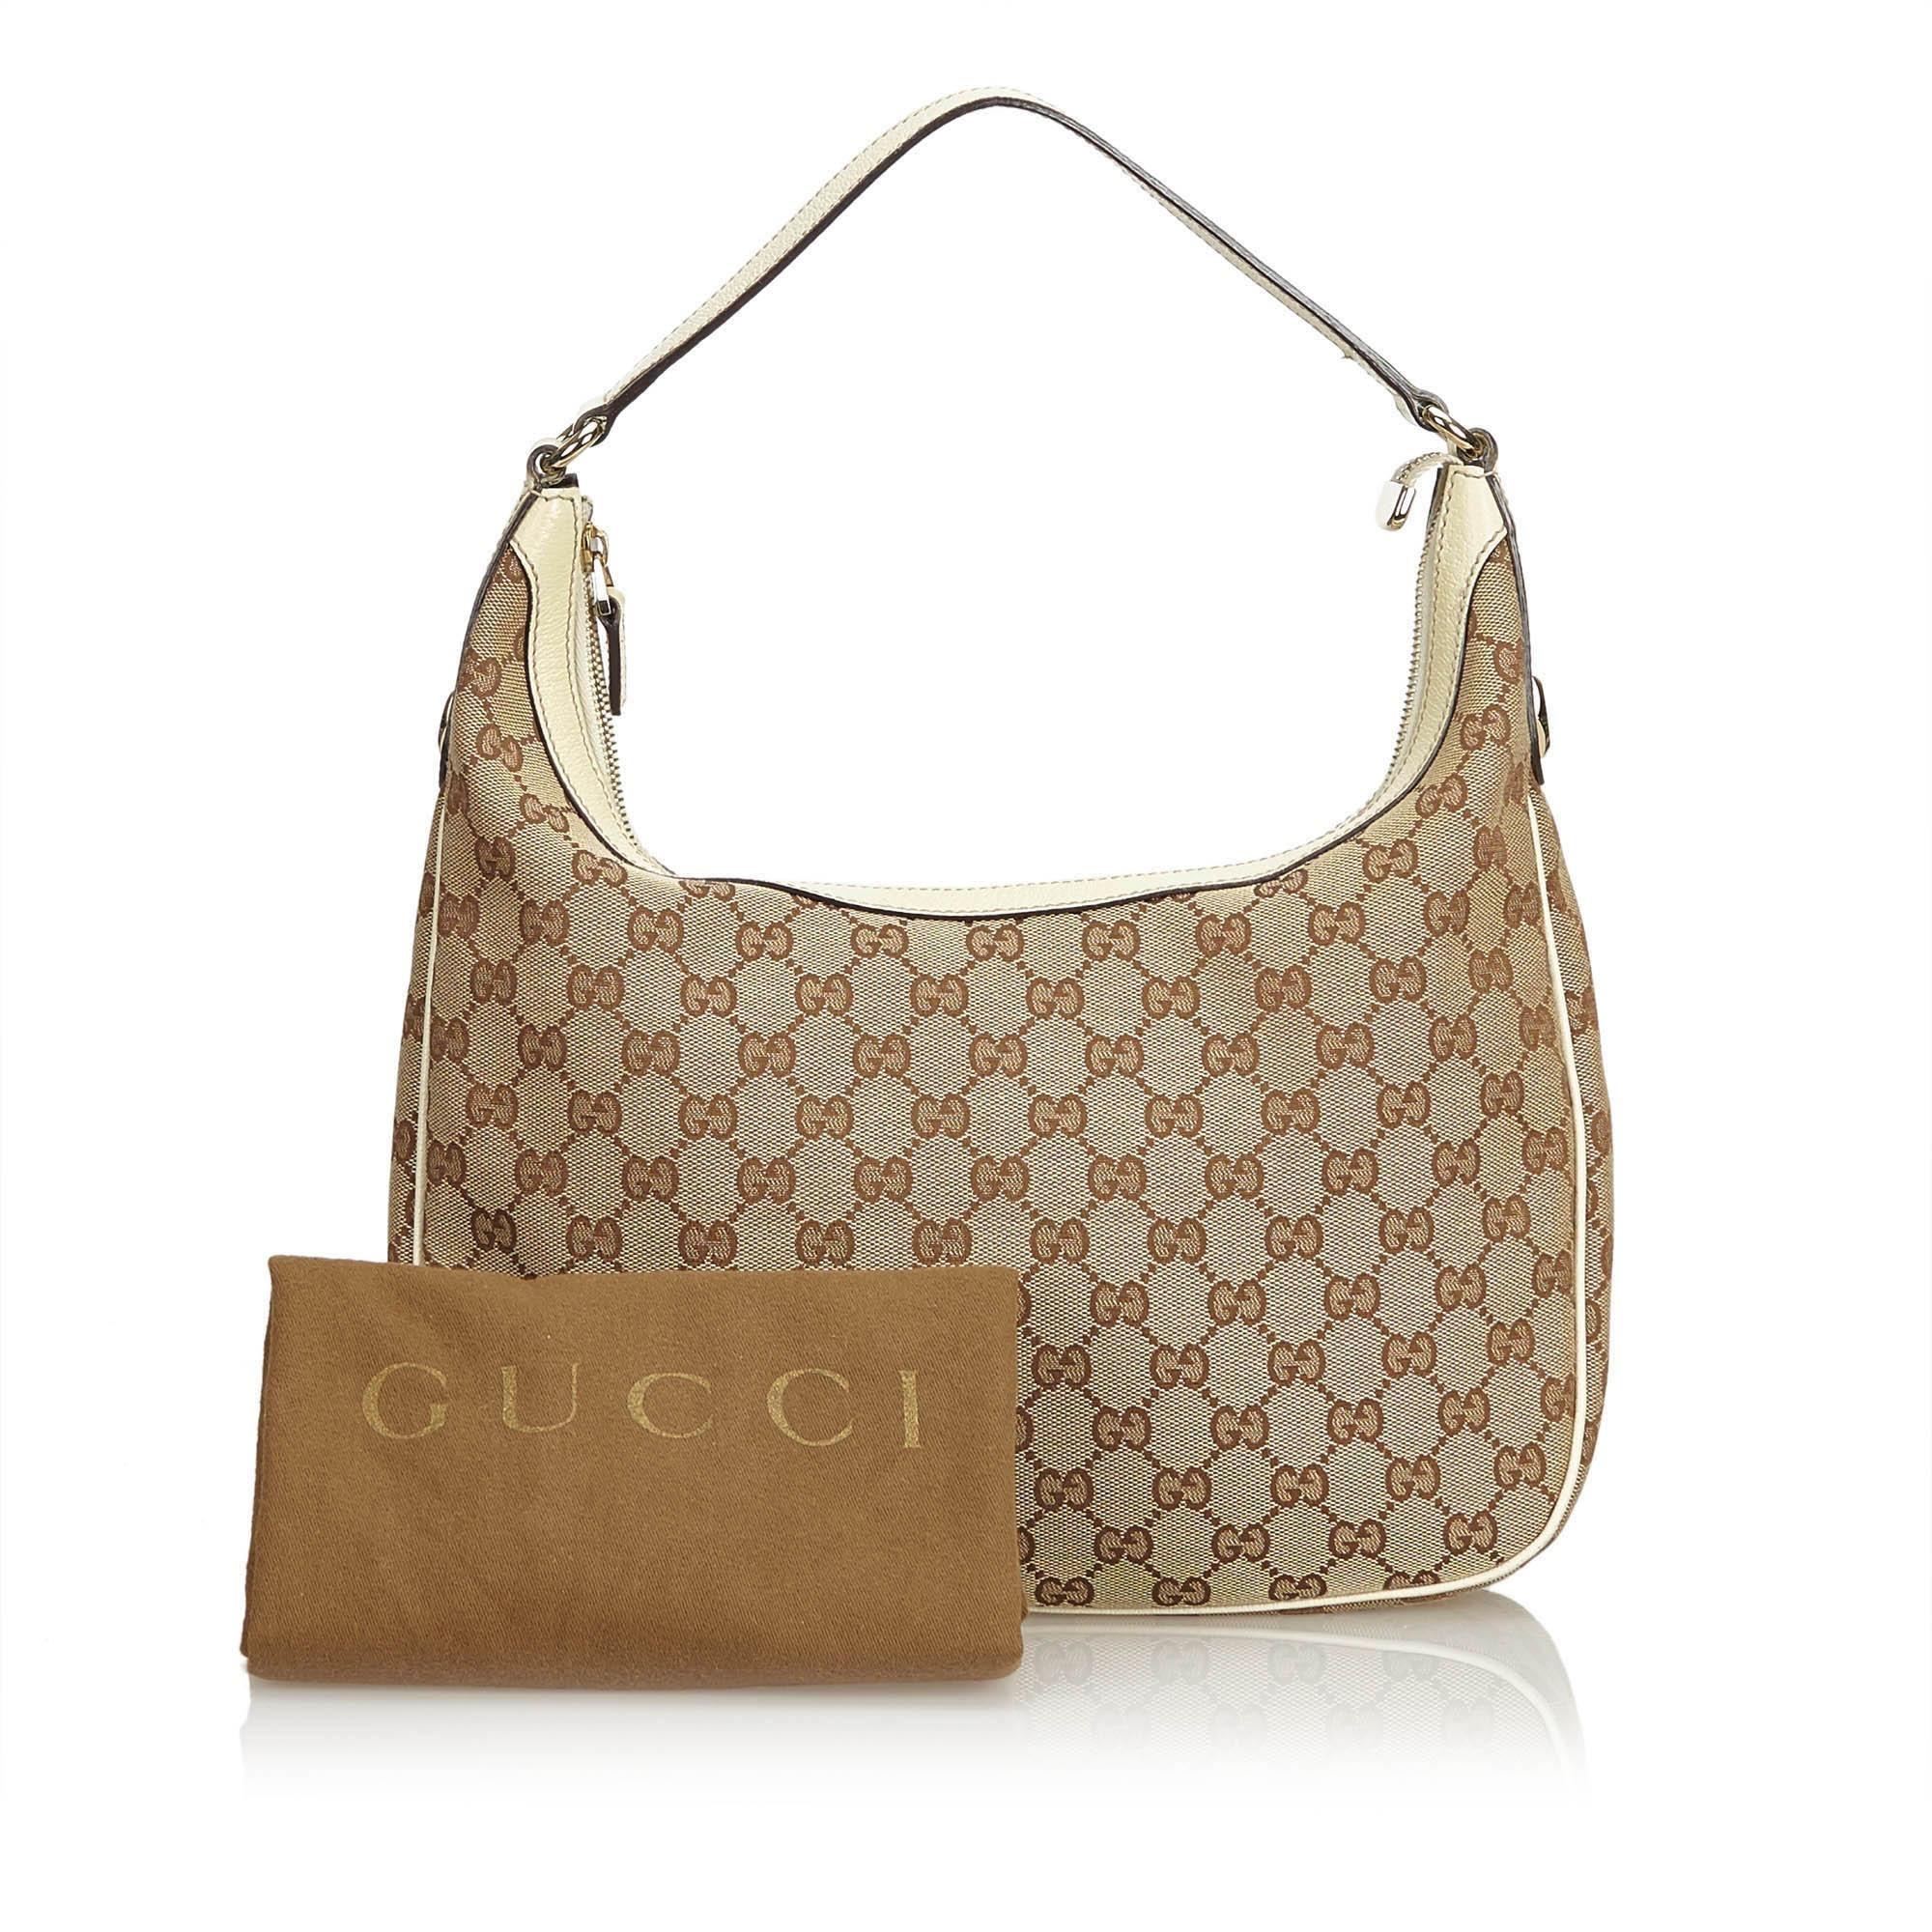 b91bde88b240 Gucci Brown GG Jacquard Hobo Bag at 1stdibs